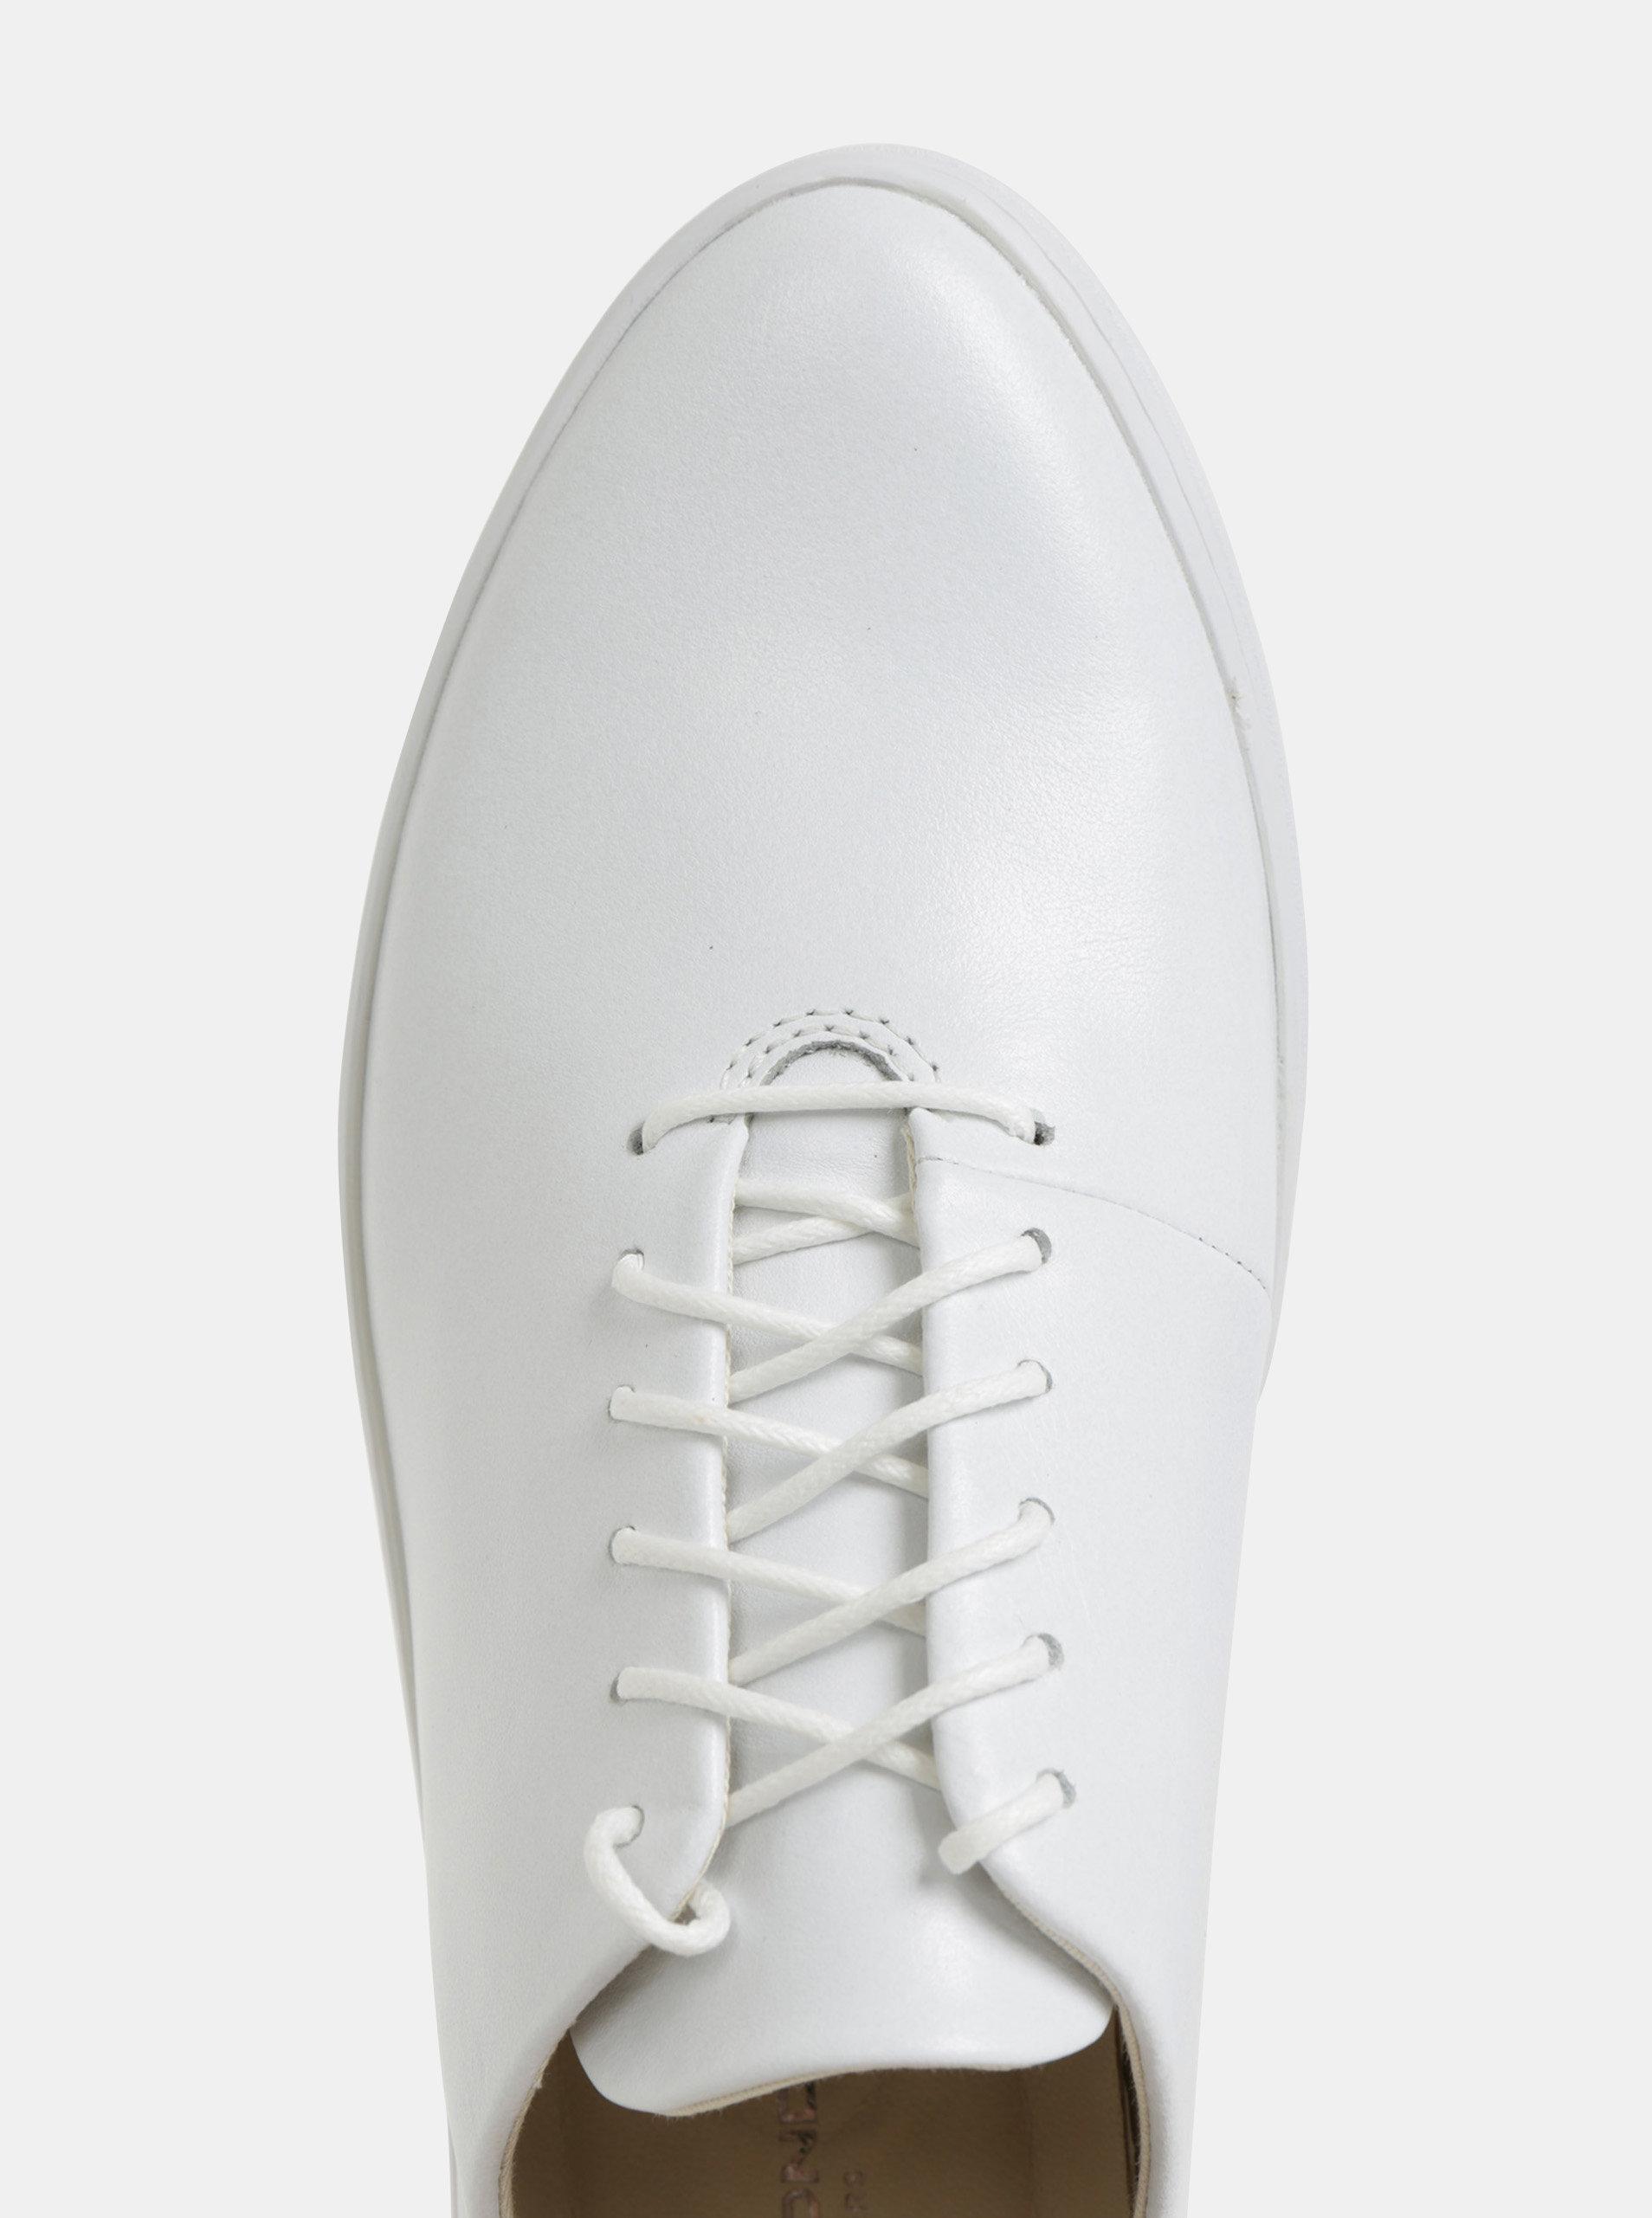 ceec203d61 Biele dámske kožené tenisky Vagabond Camille ...